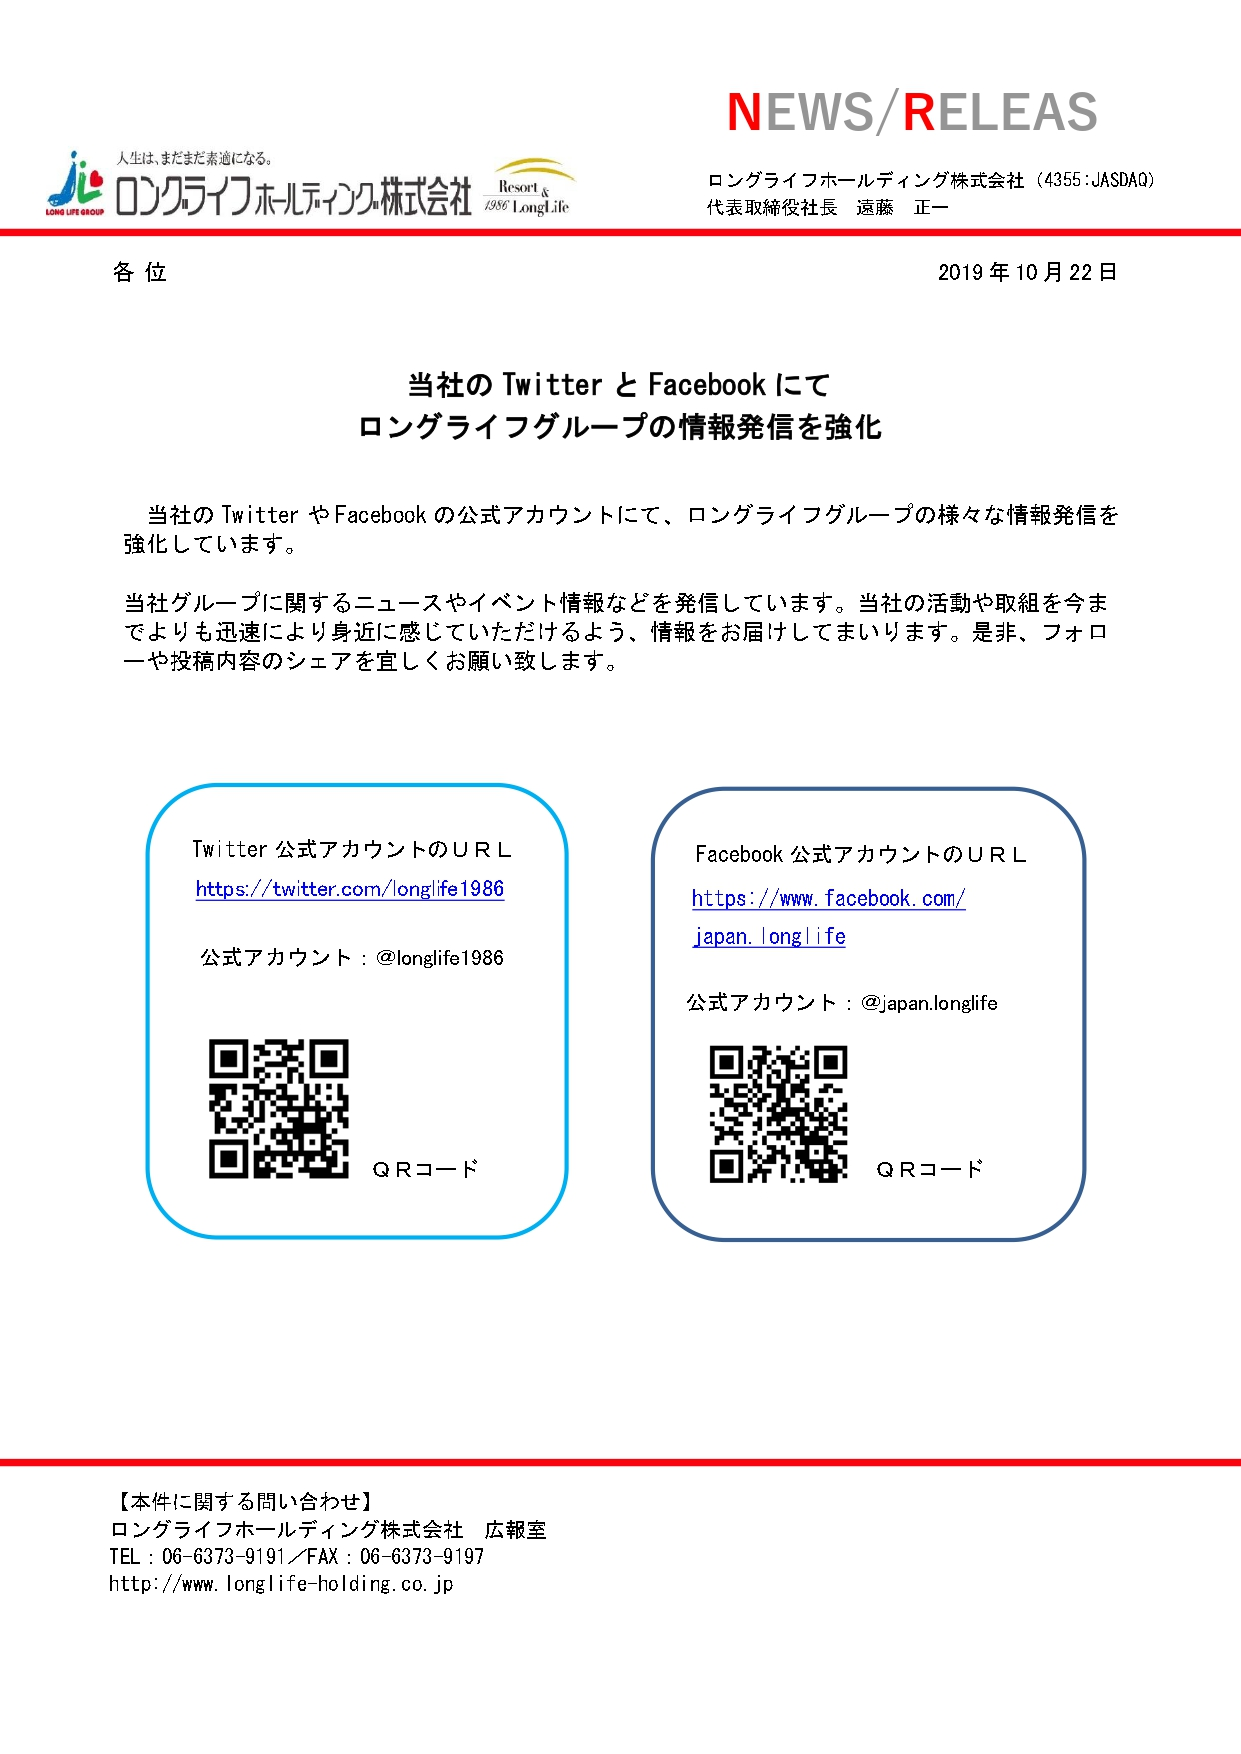 ニュース ジャパン ツイッター シェア